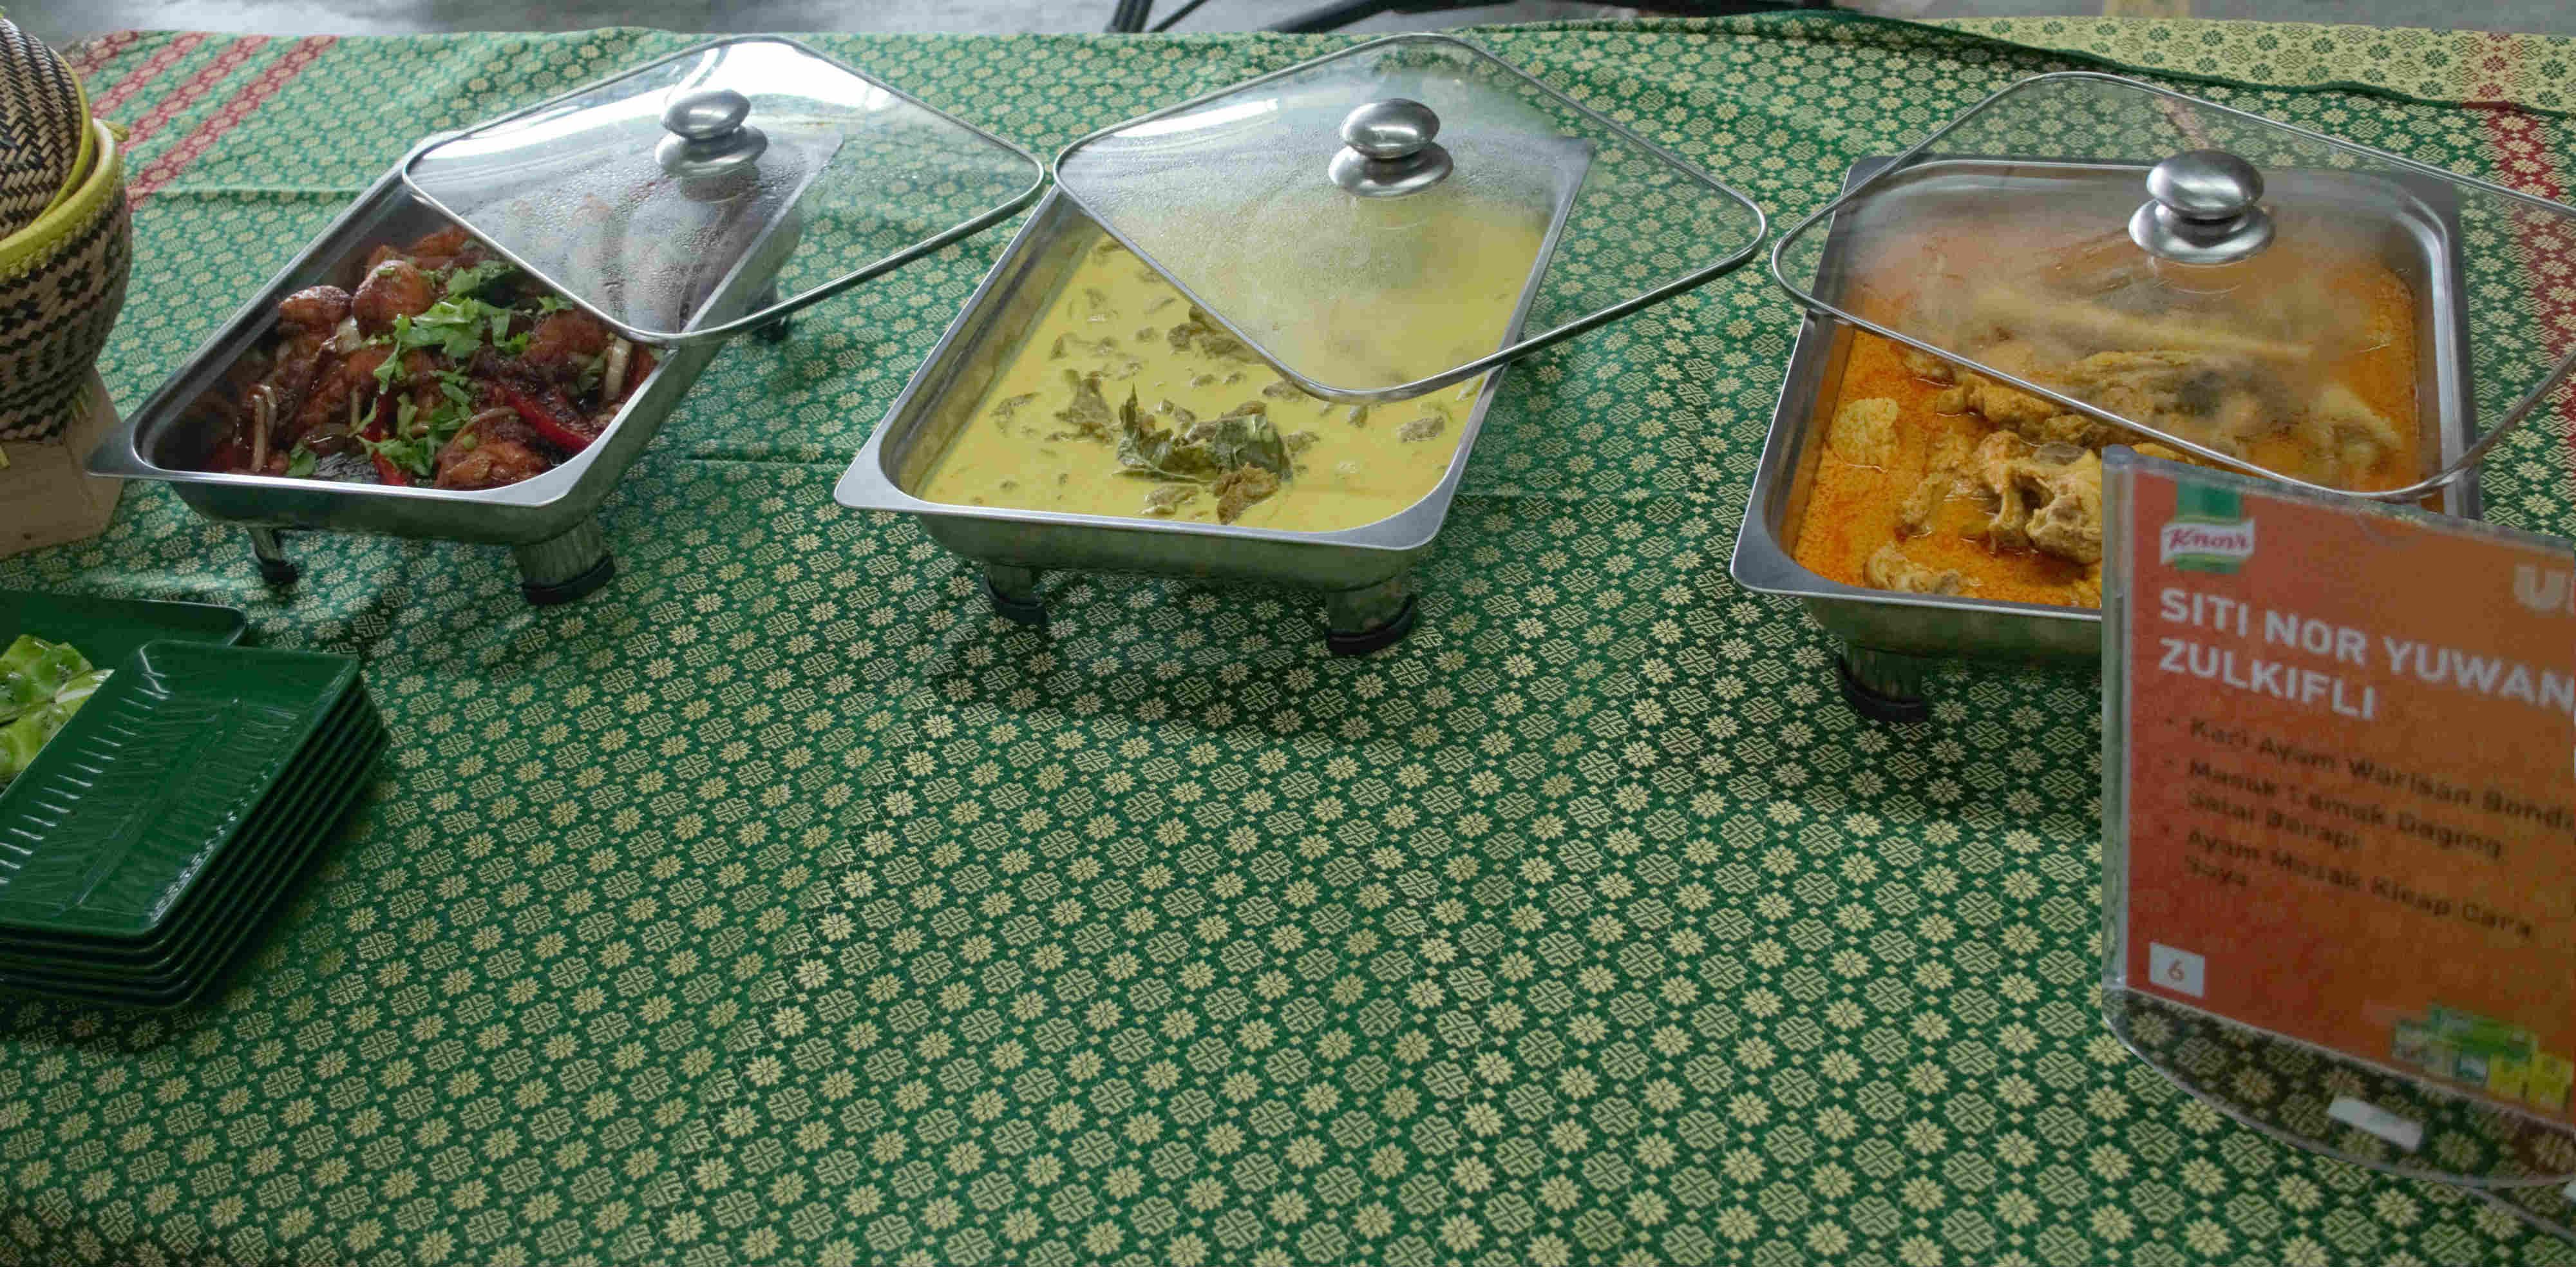 Raja Kuah Knorr -Hidangan masakan pemenang Siti (dari kanan) Kari Ayam Warisan Bonda, Masak Lemak Daging Salai Berapi dan Ayam Masak Kicap Cara Saya.